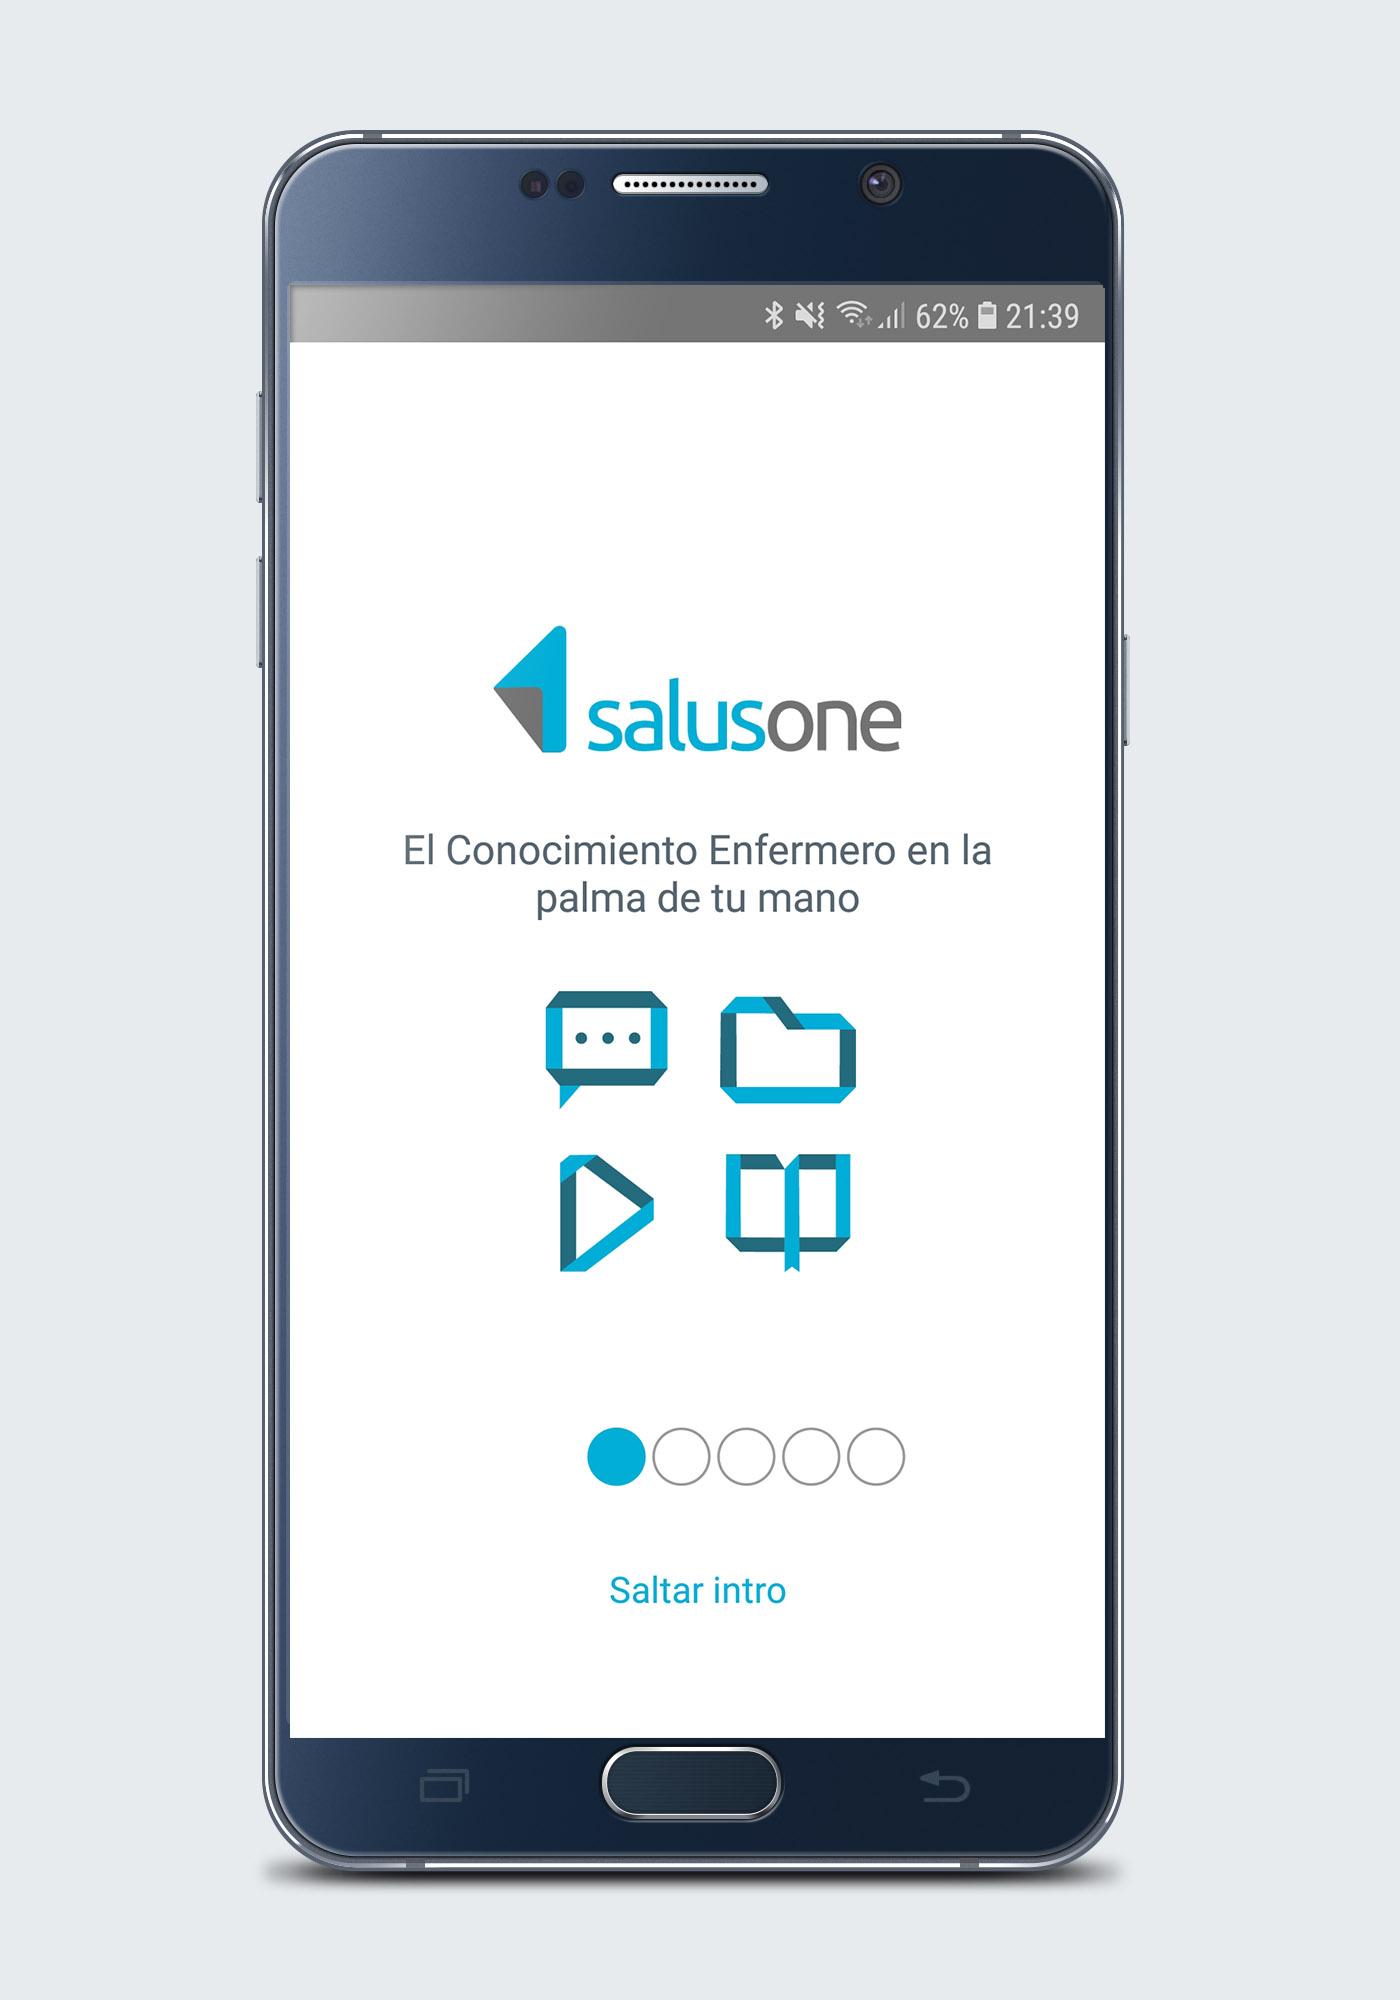 SalusOne, la APP inteligente para reforzar la prescripción enfermera